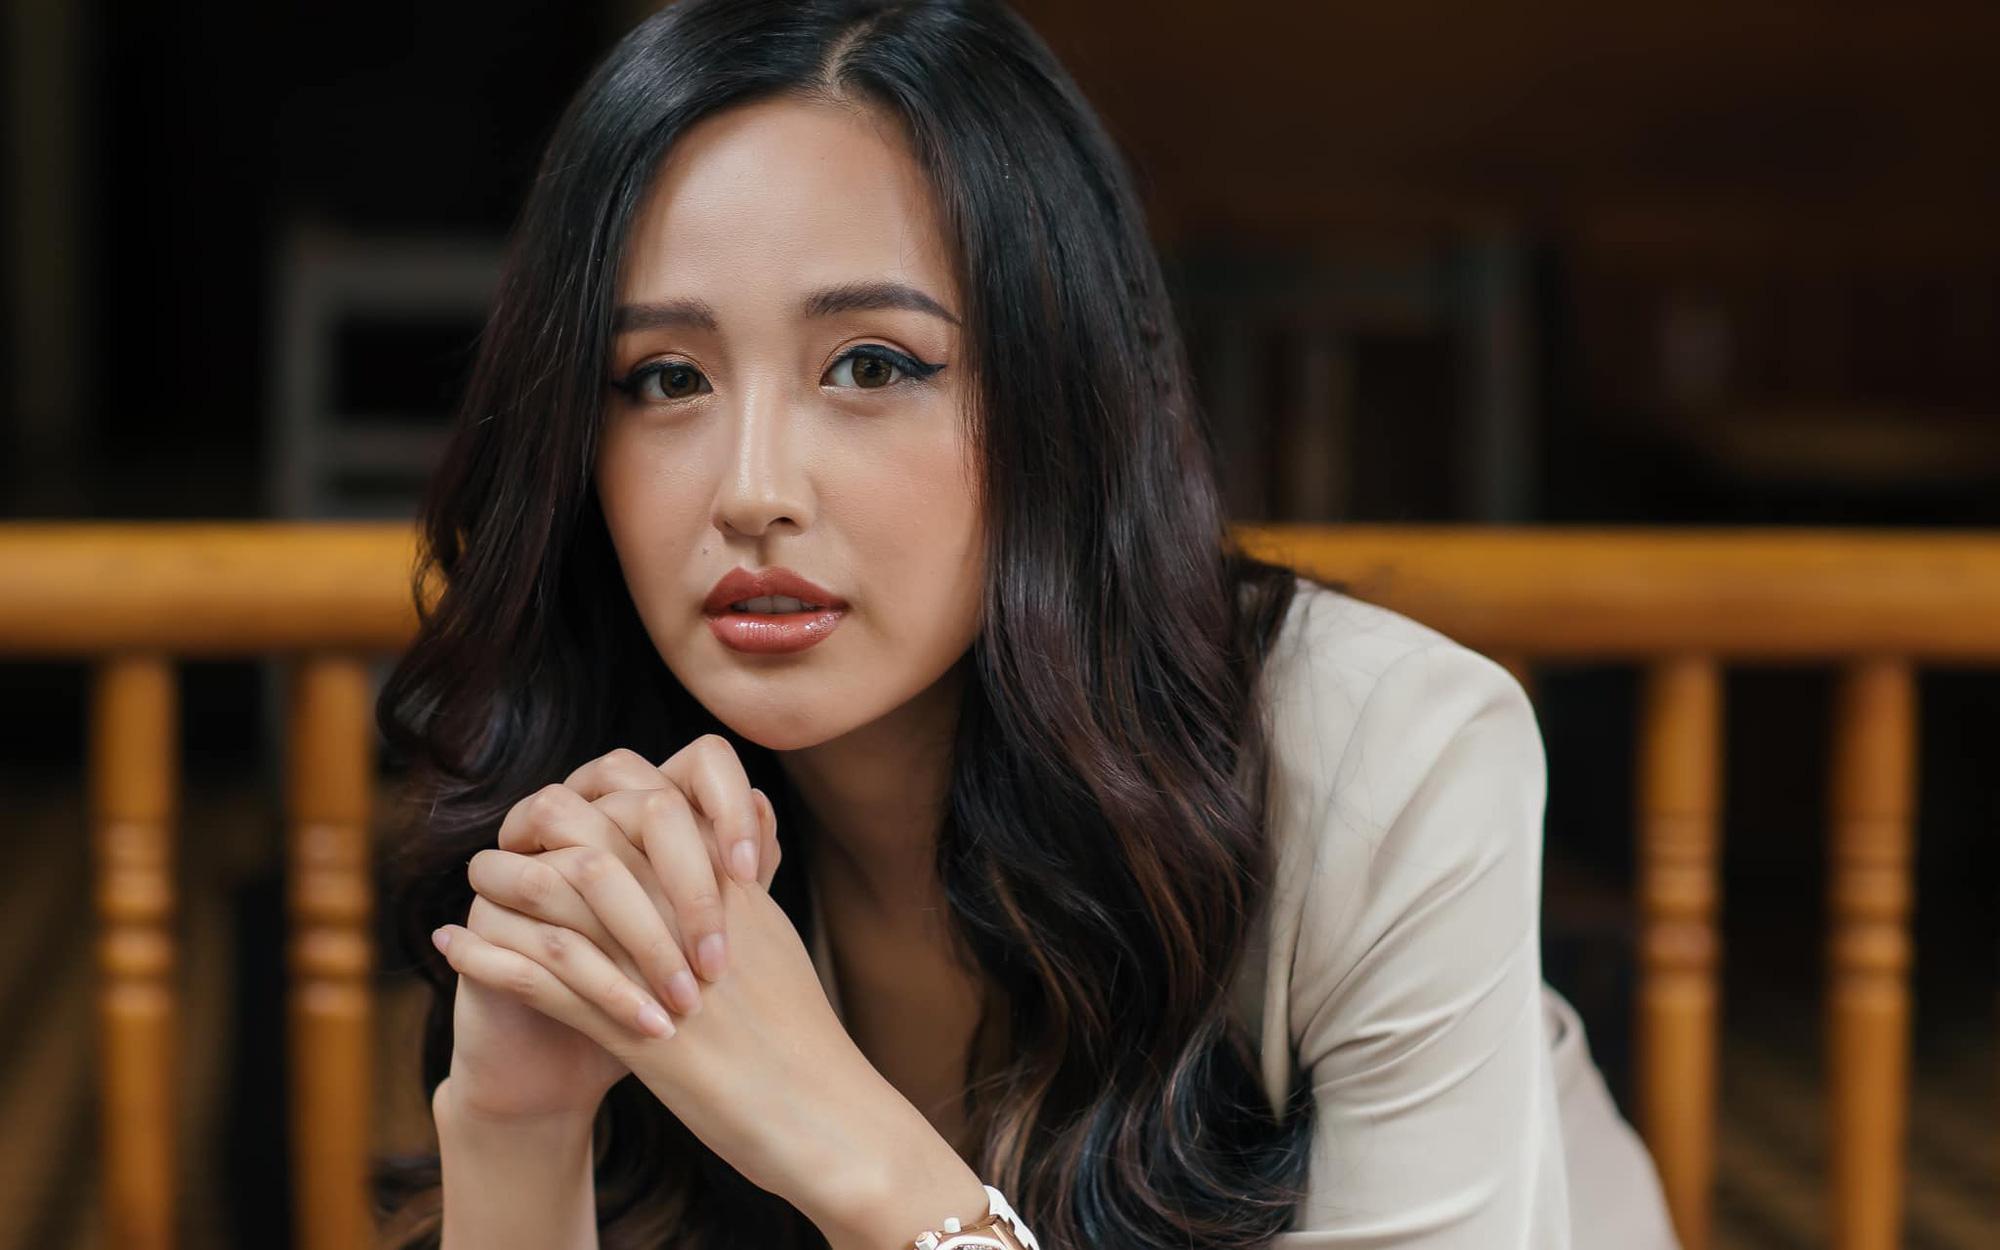 Mai Phương Thúy – Hoa hậu đa tình hay nhà đầu tư thông minh?